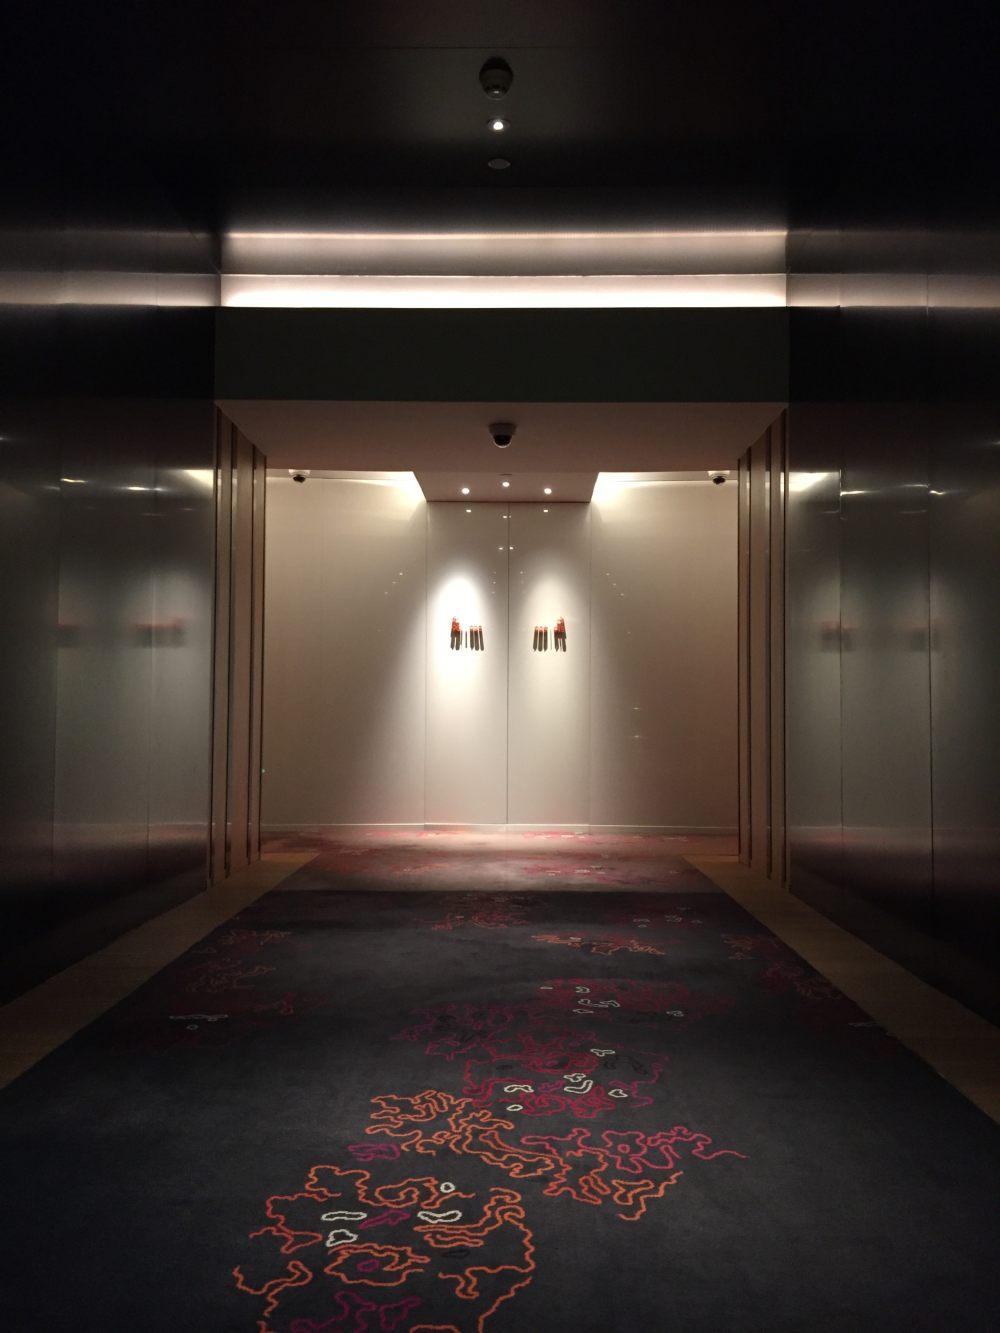 上海外滩W酒店,史上最全入住体验 自拍分享,申请置...._IMG_6221.JPG